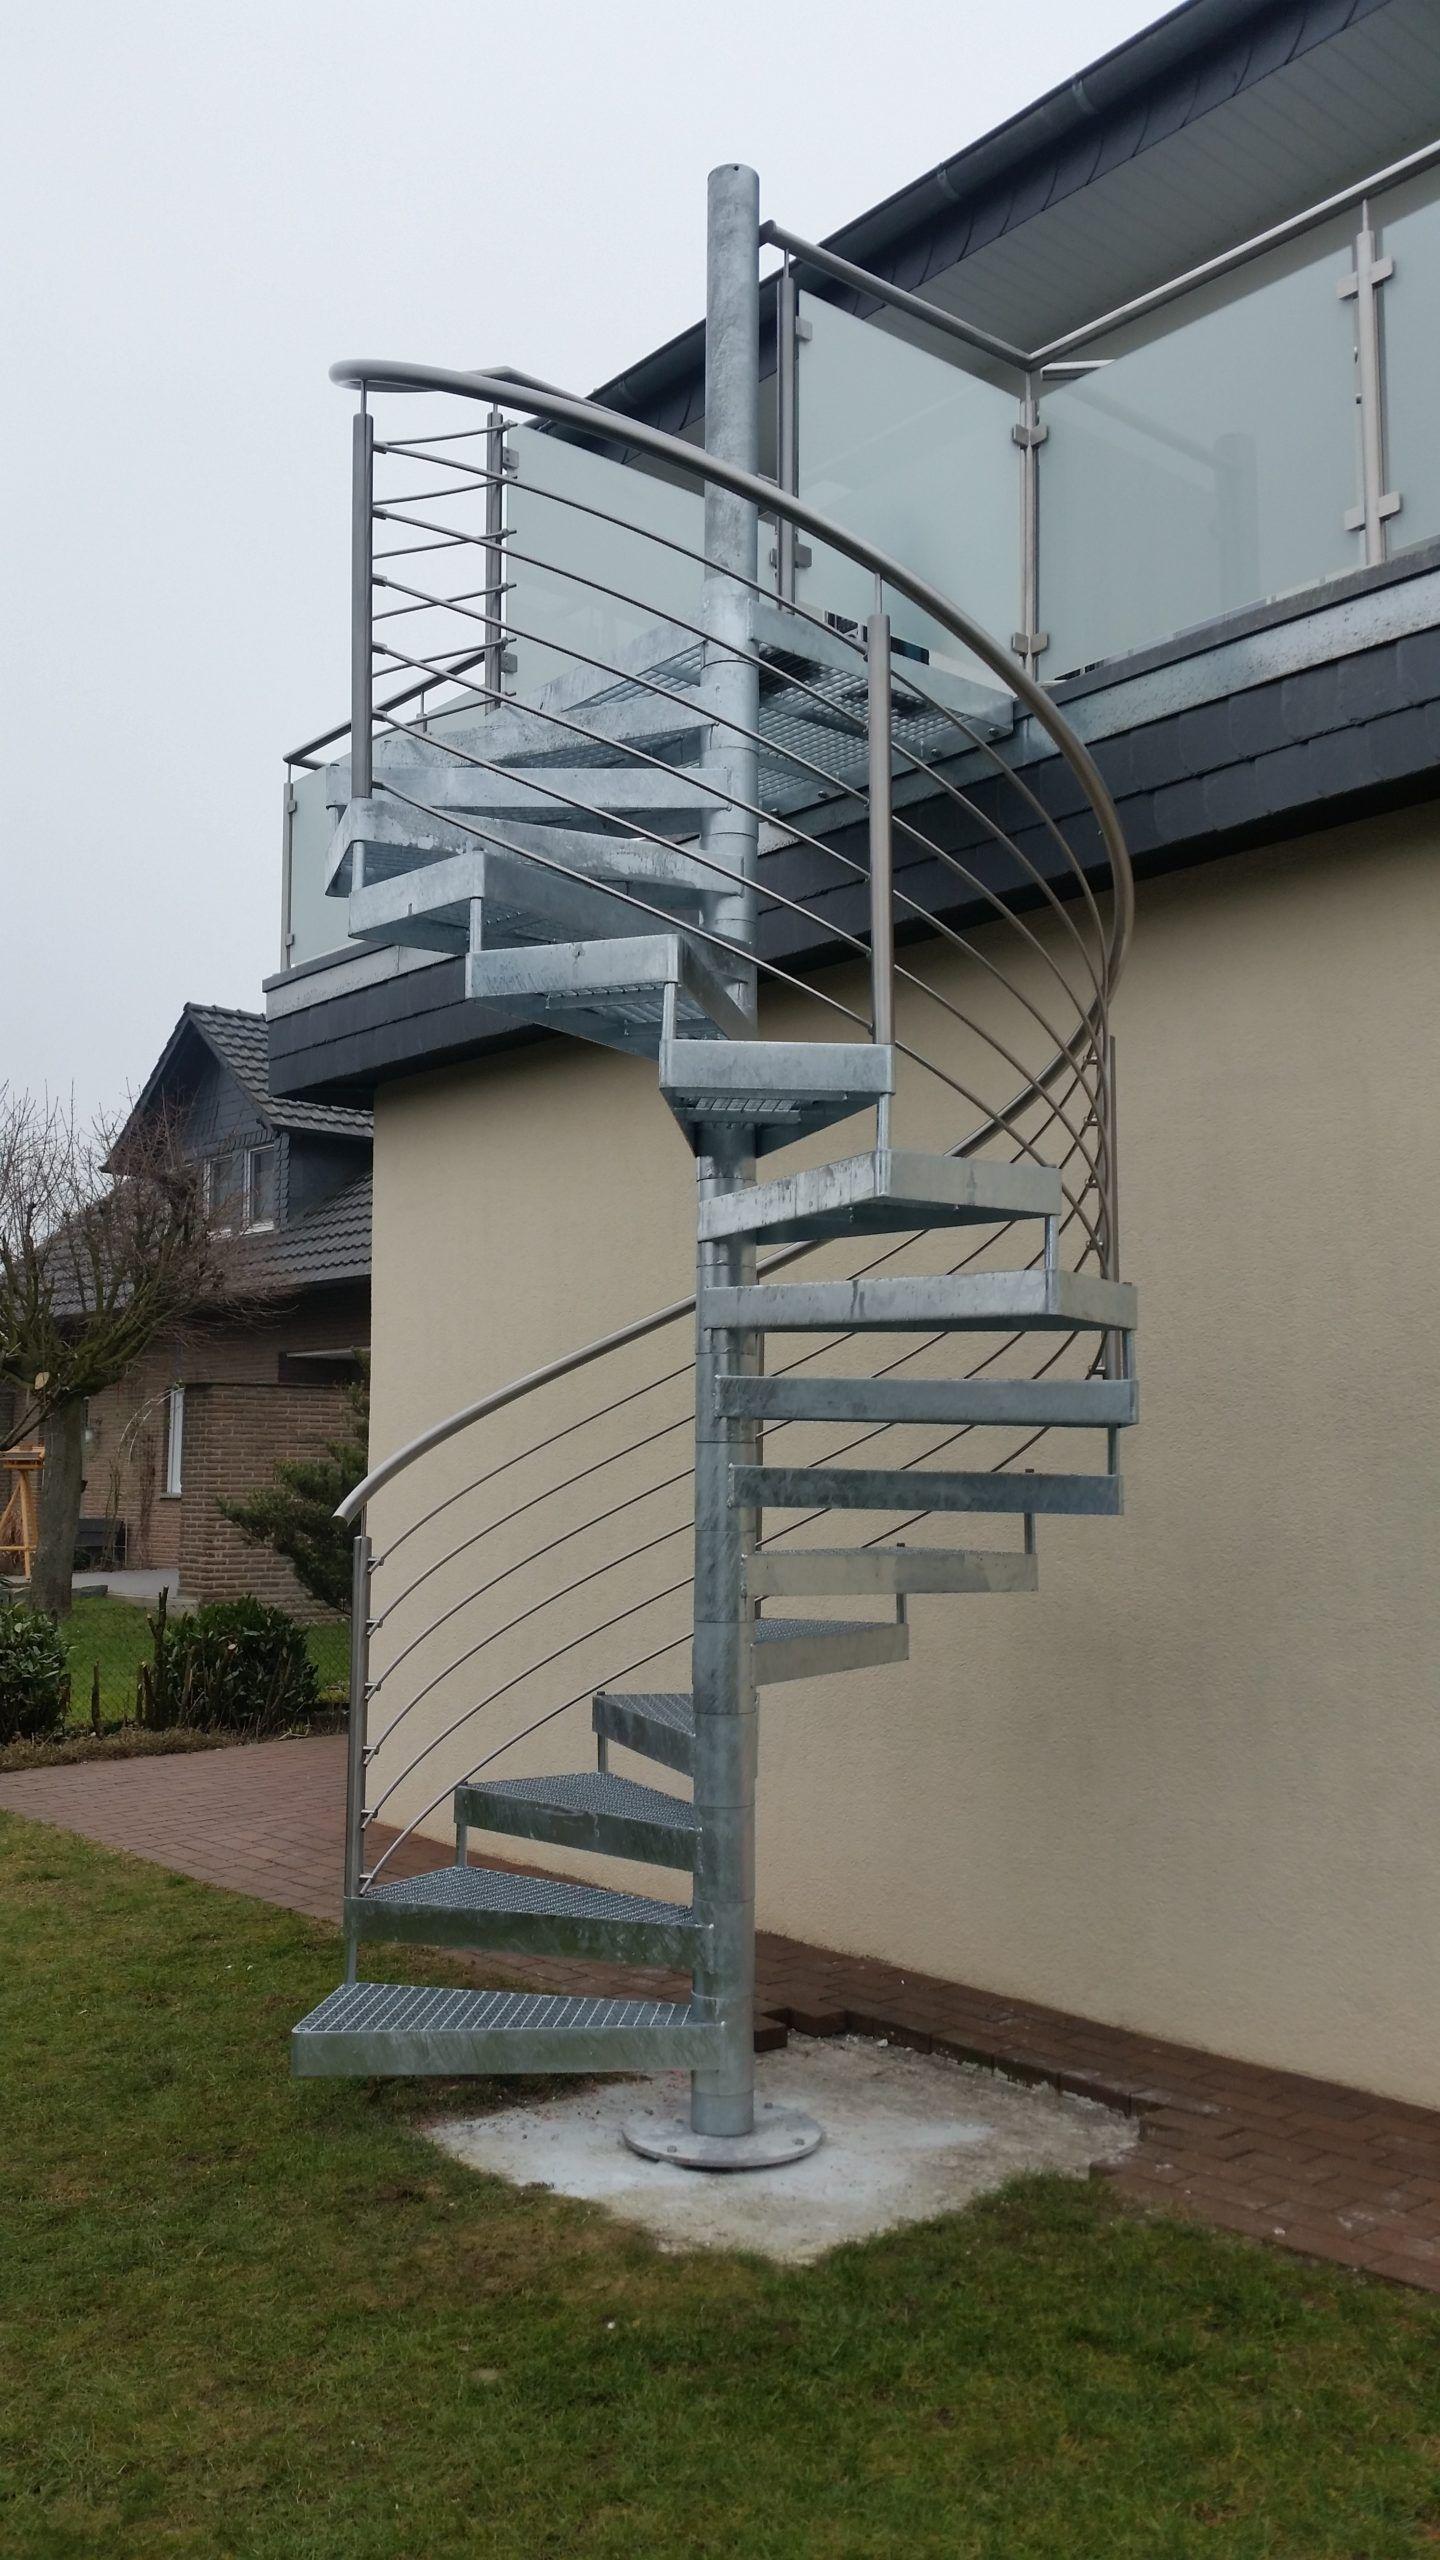 Spindeltreppe in verzinkt, Treppengeländer in Edelstahl mit mitlaufenden Stäben